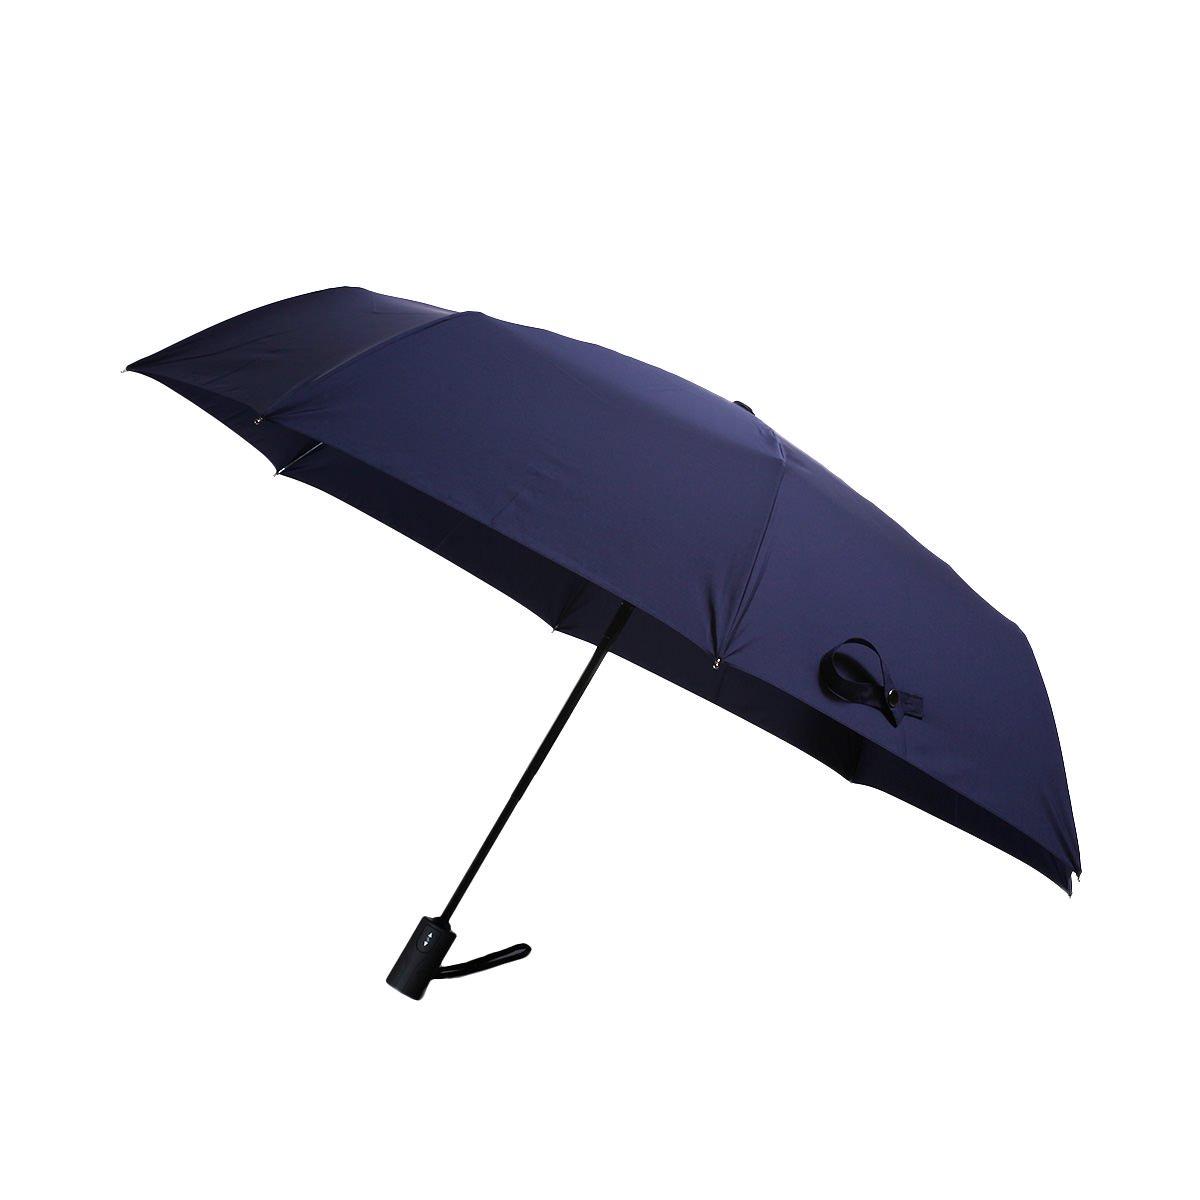 自動開閉 強力撥水 レインドロップ レクタス 折りたたみ傘 詳細画像5